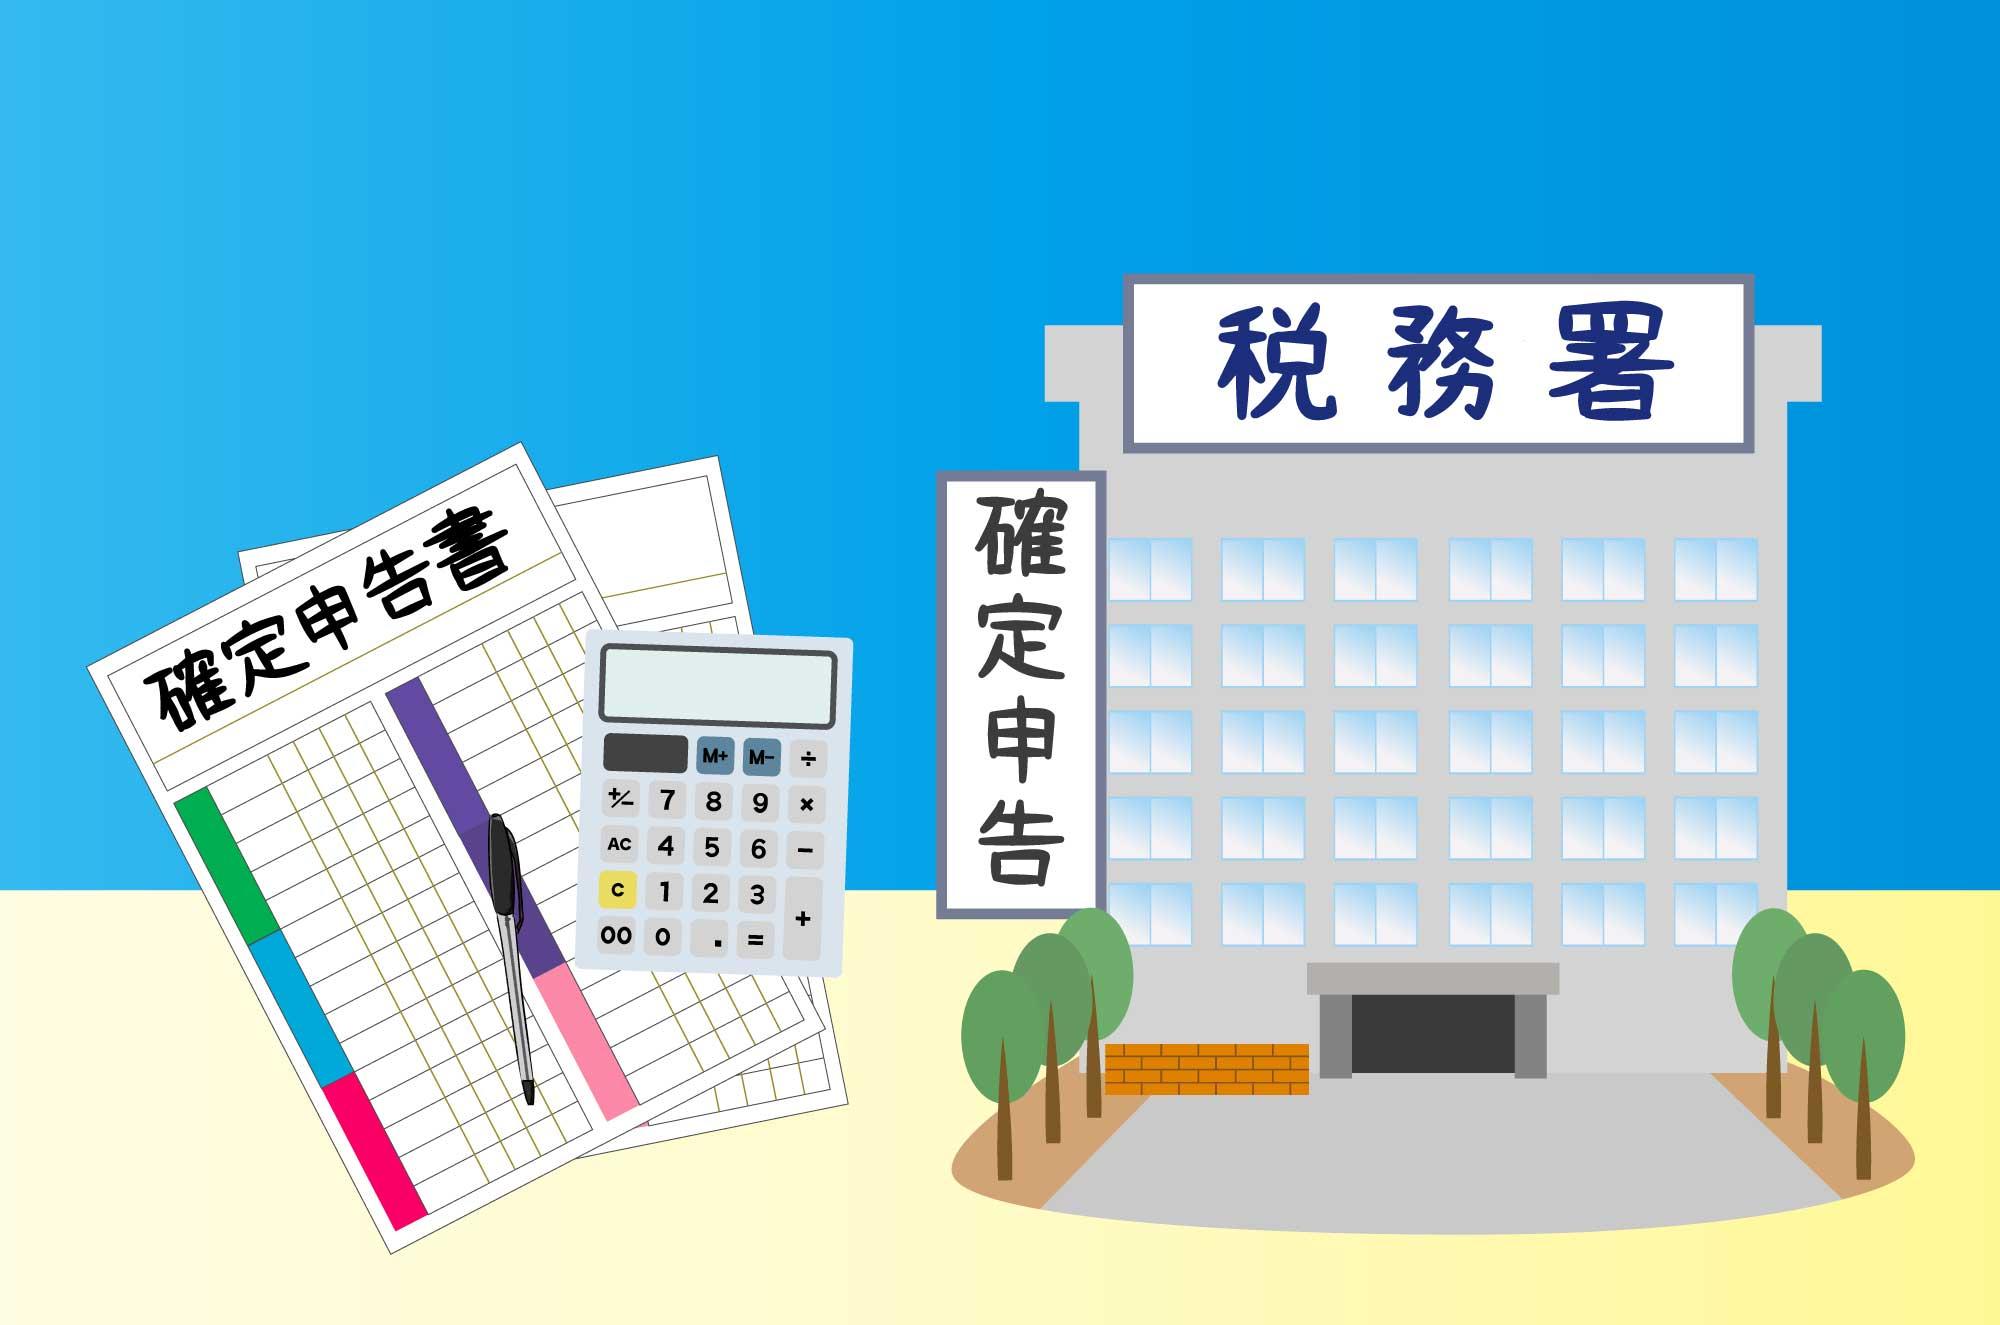 税務署の無料イラスト - 確定申告のイメージと建物